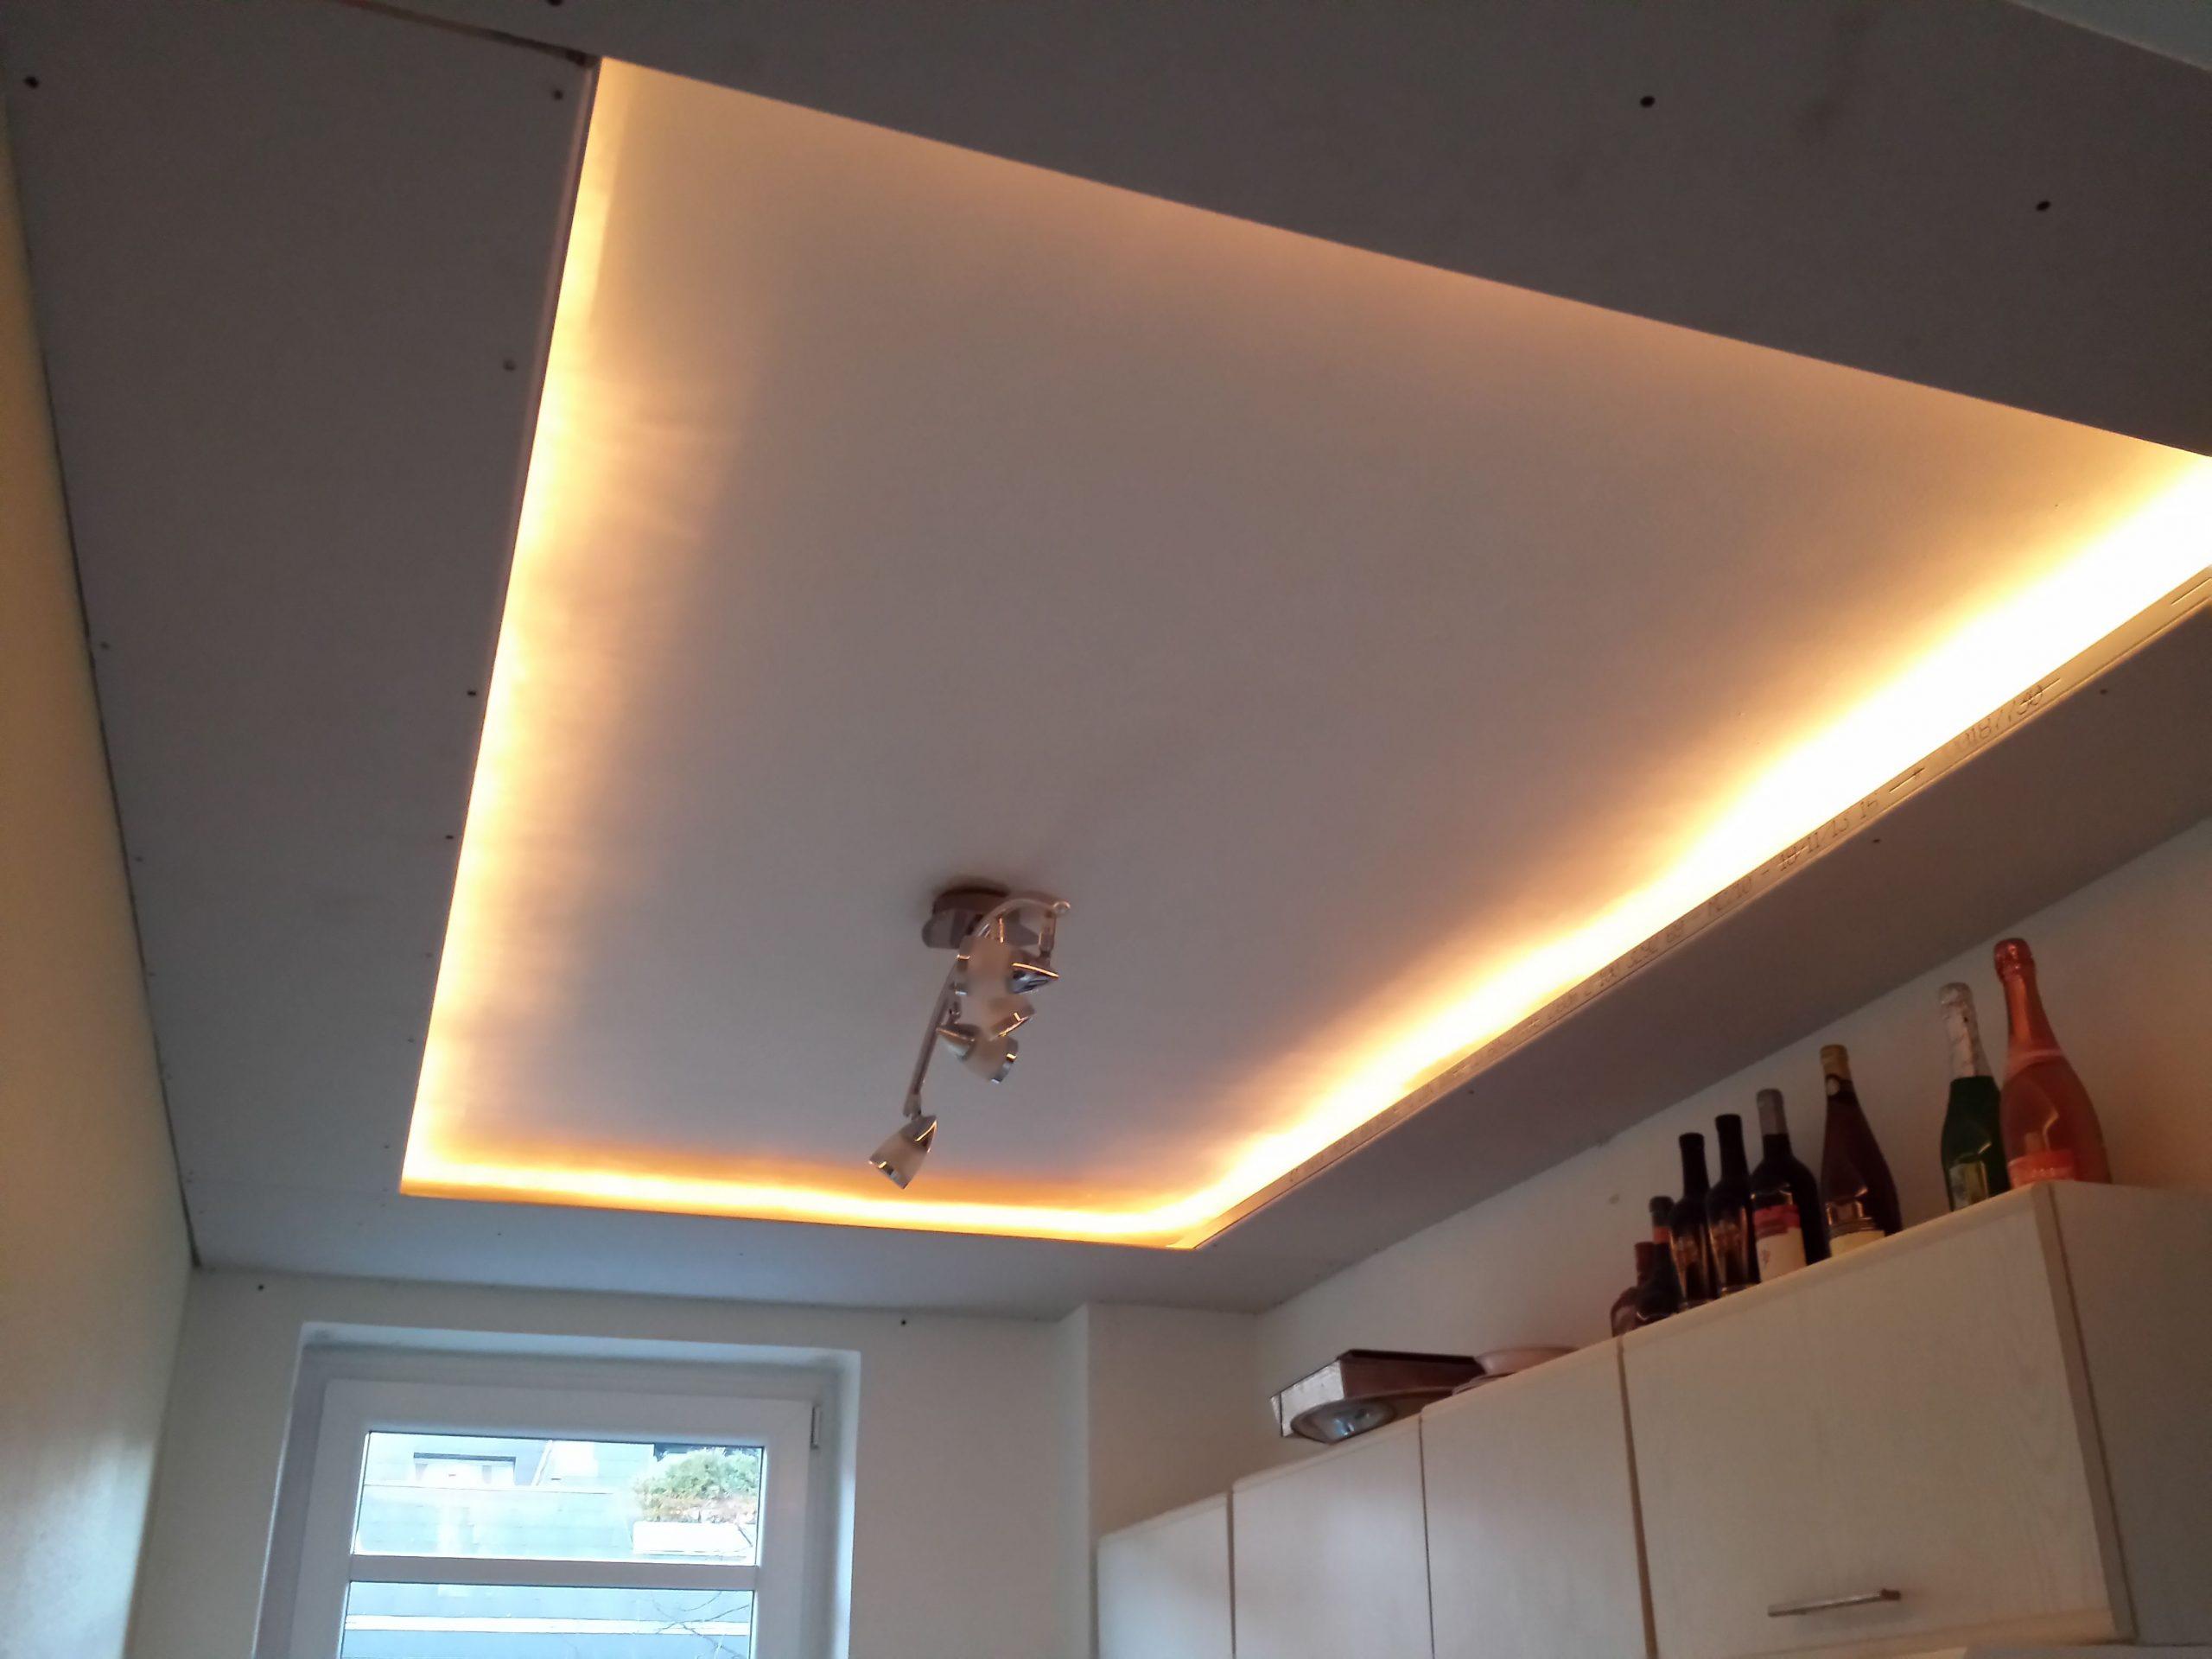 Full Size of Indirekte Beleuchtung Decke Indirektes Licht In Der Kche Wohnzimmer Led Deckenleuchte Deckenlampen Modern Weihnachtsbeleuchtung Fenster Deckenleuchten Küche Wohnzimmer Indirekte Beleuchtung Decke